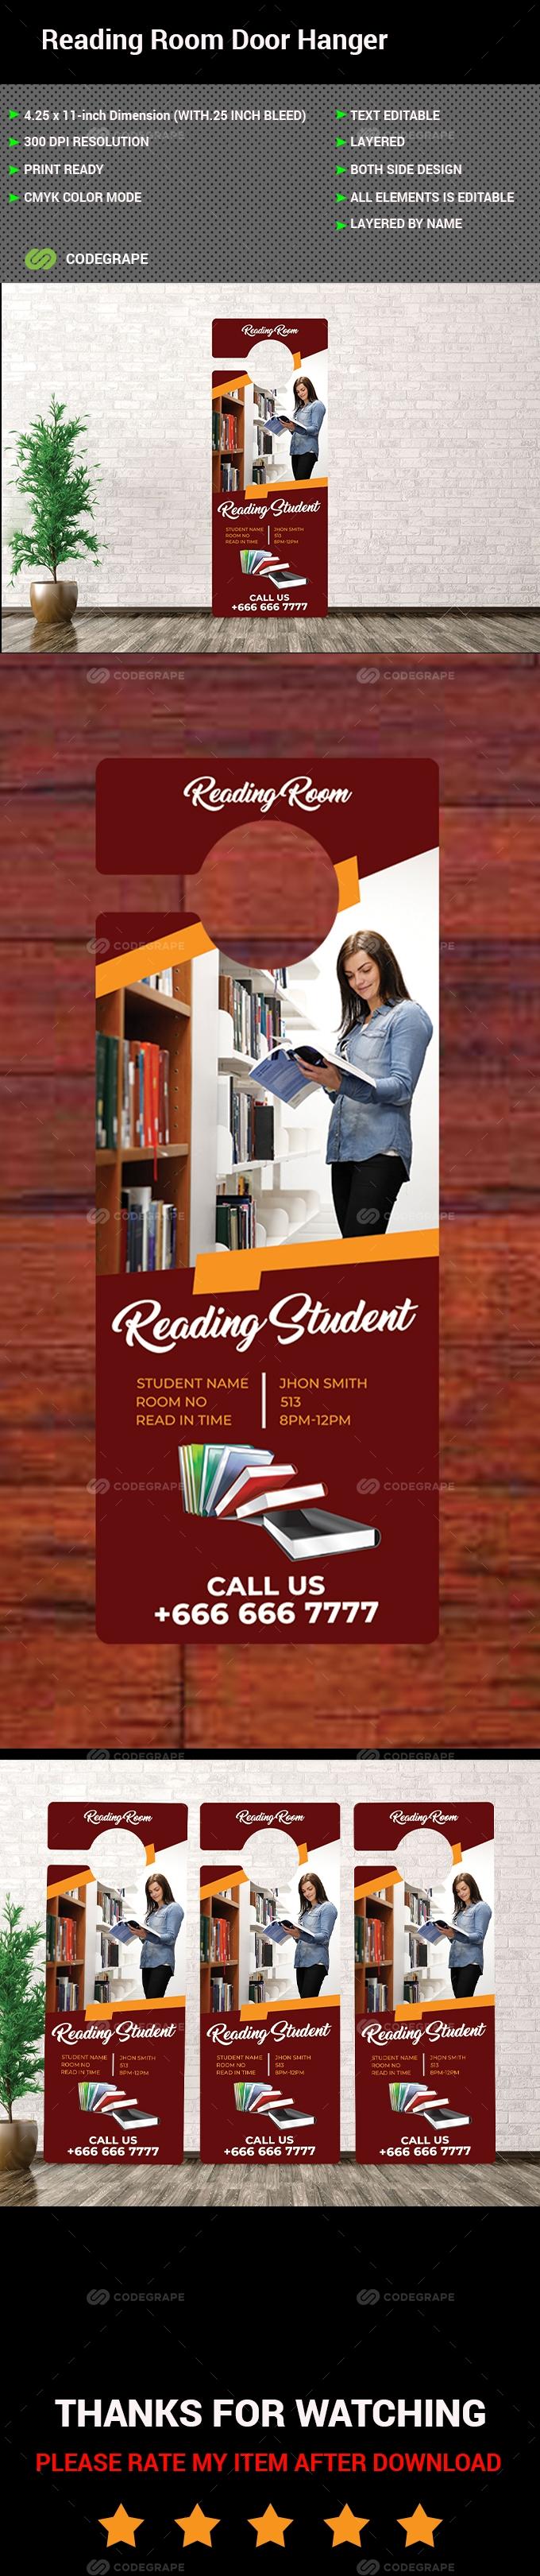 Reading Room Door Hanger